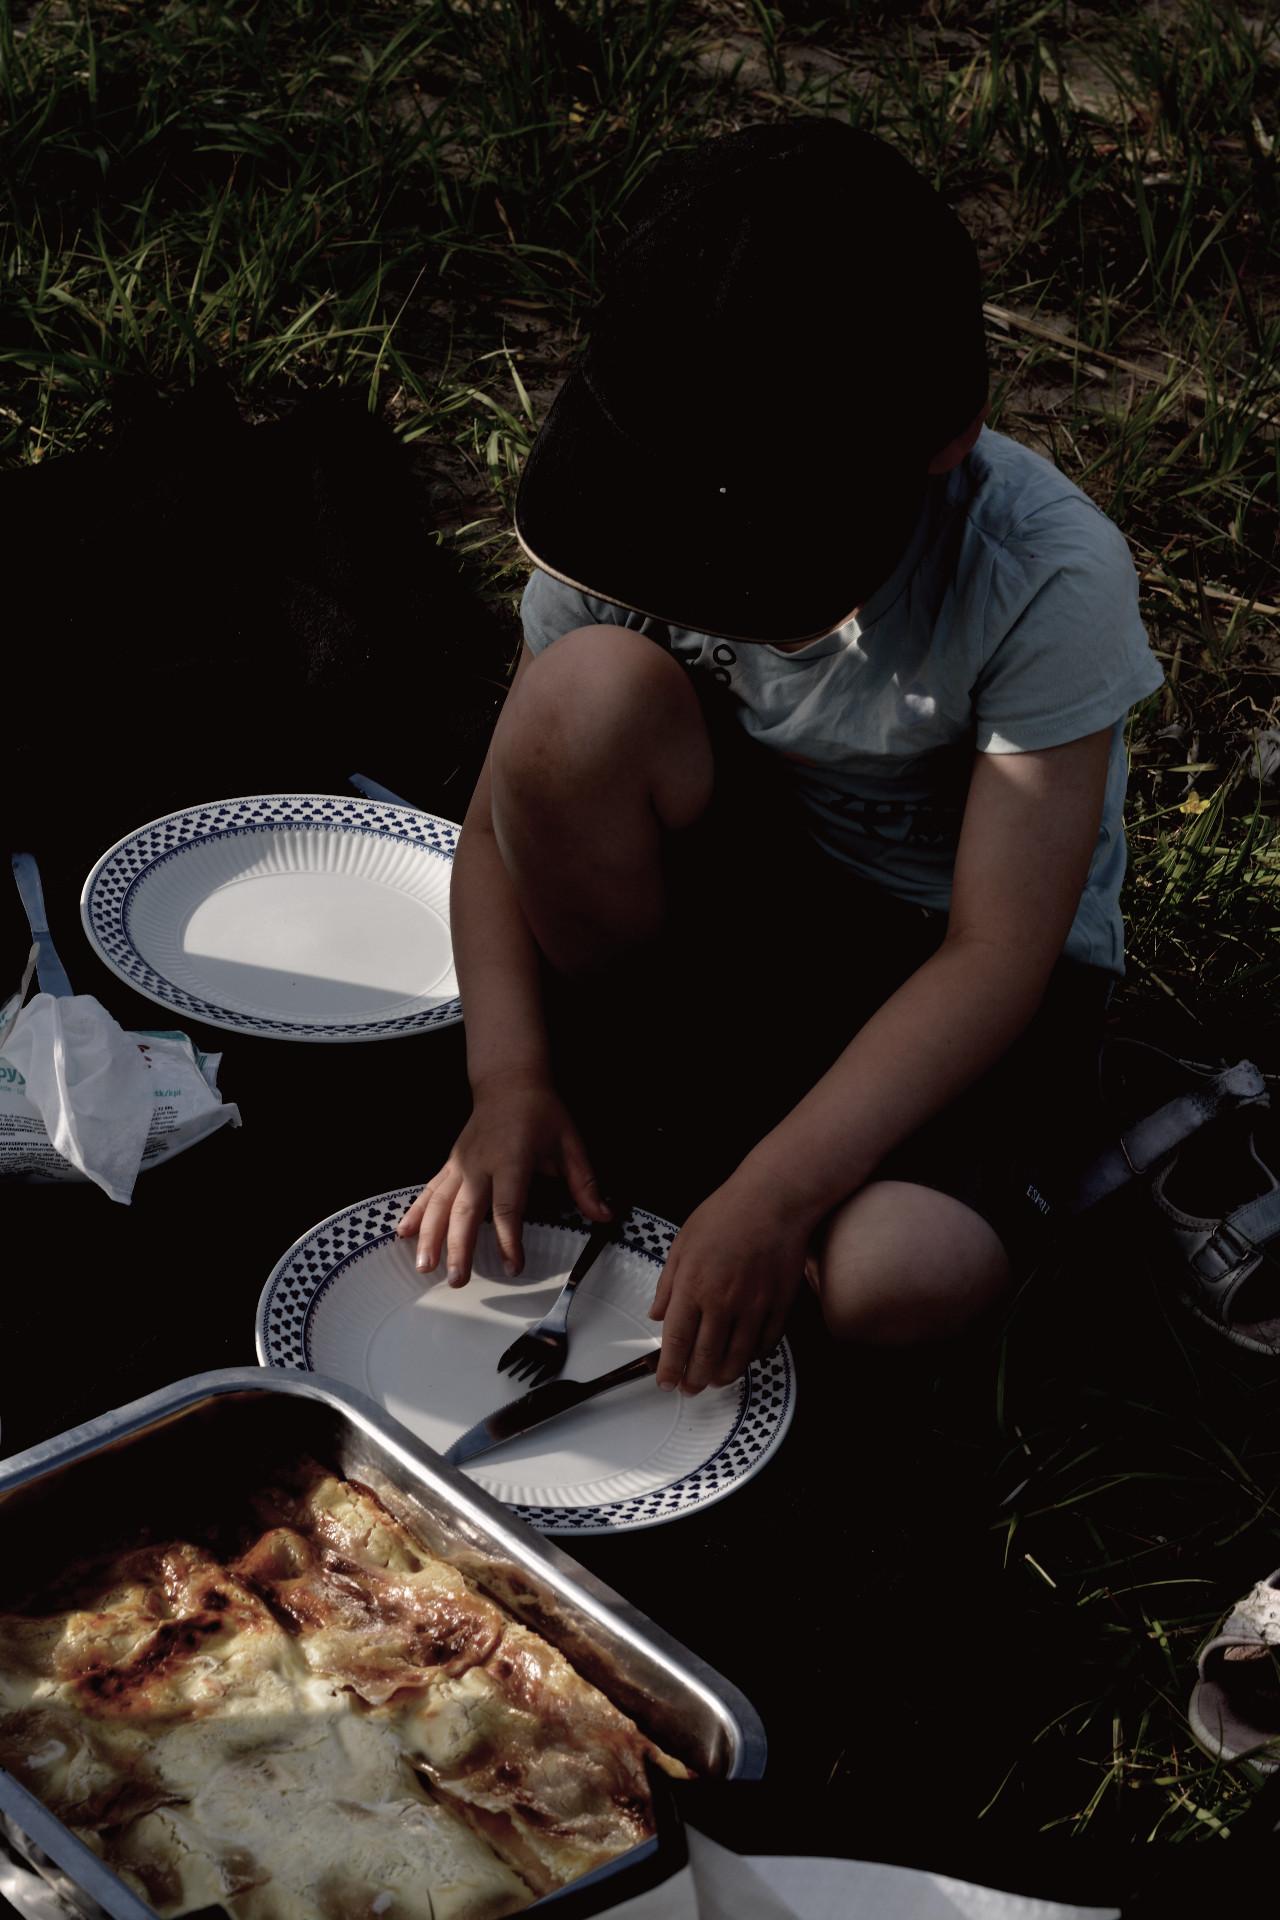 Utflykt med barn, äta mat ute